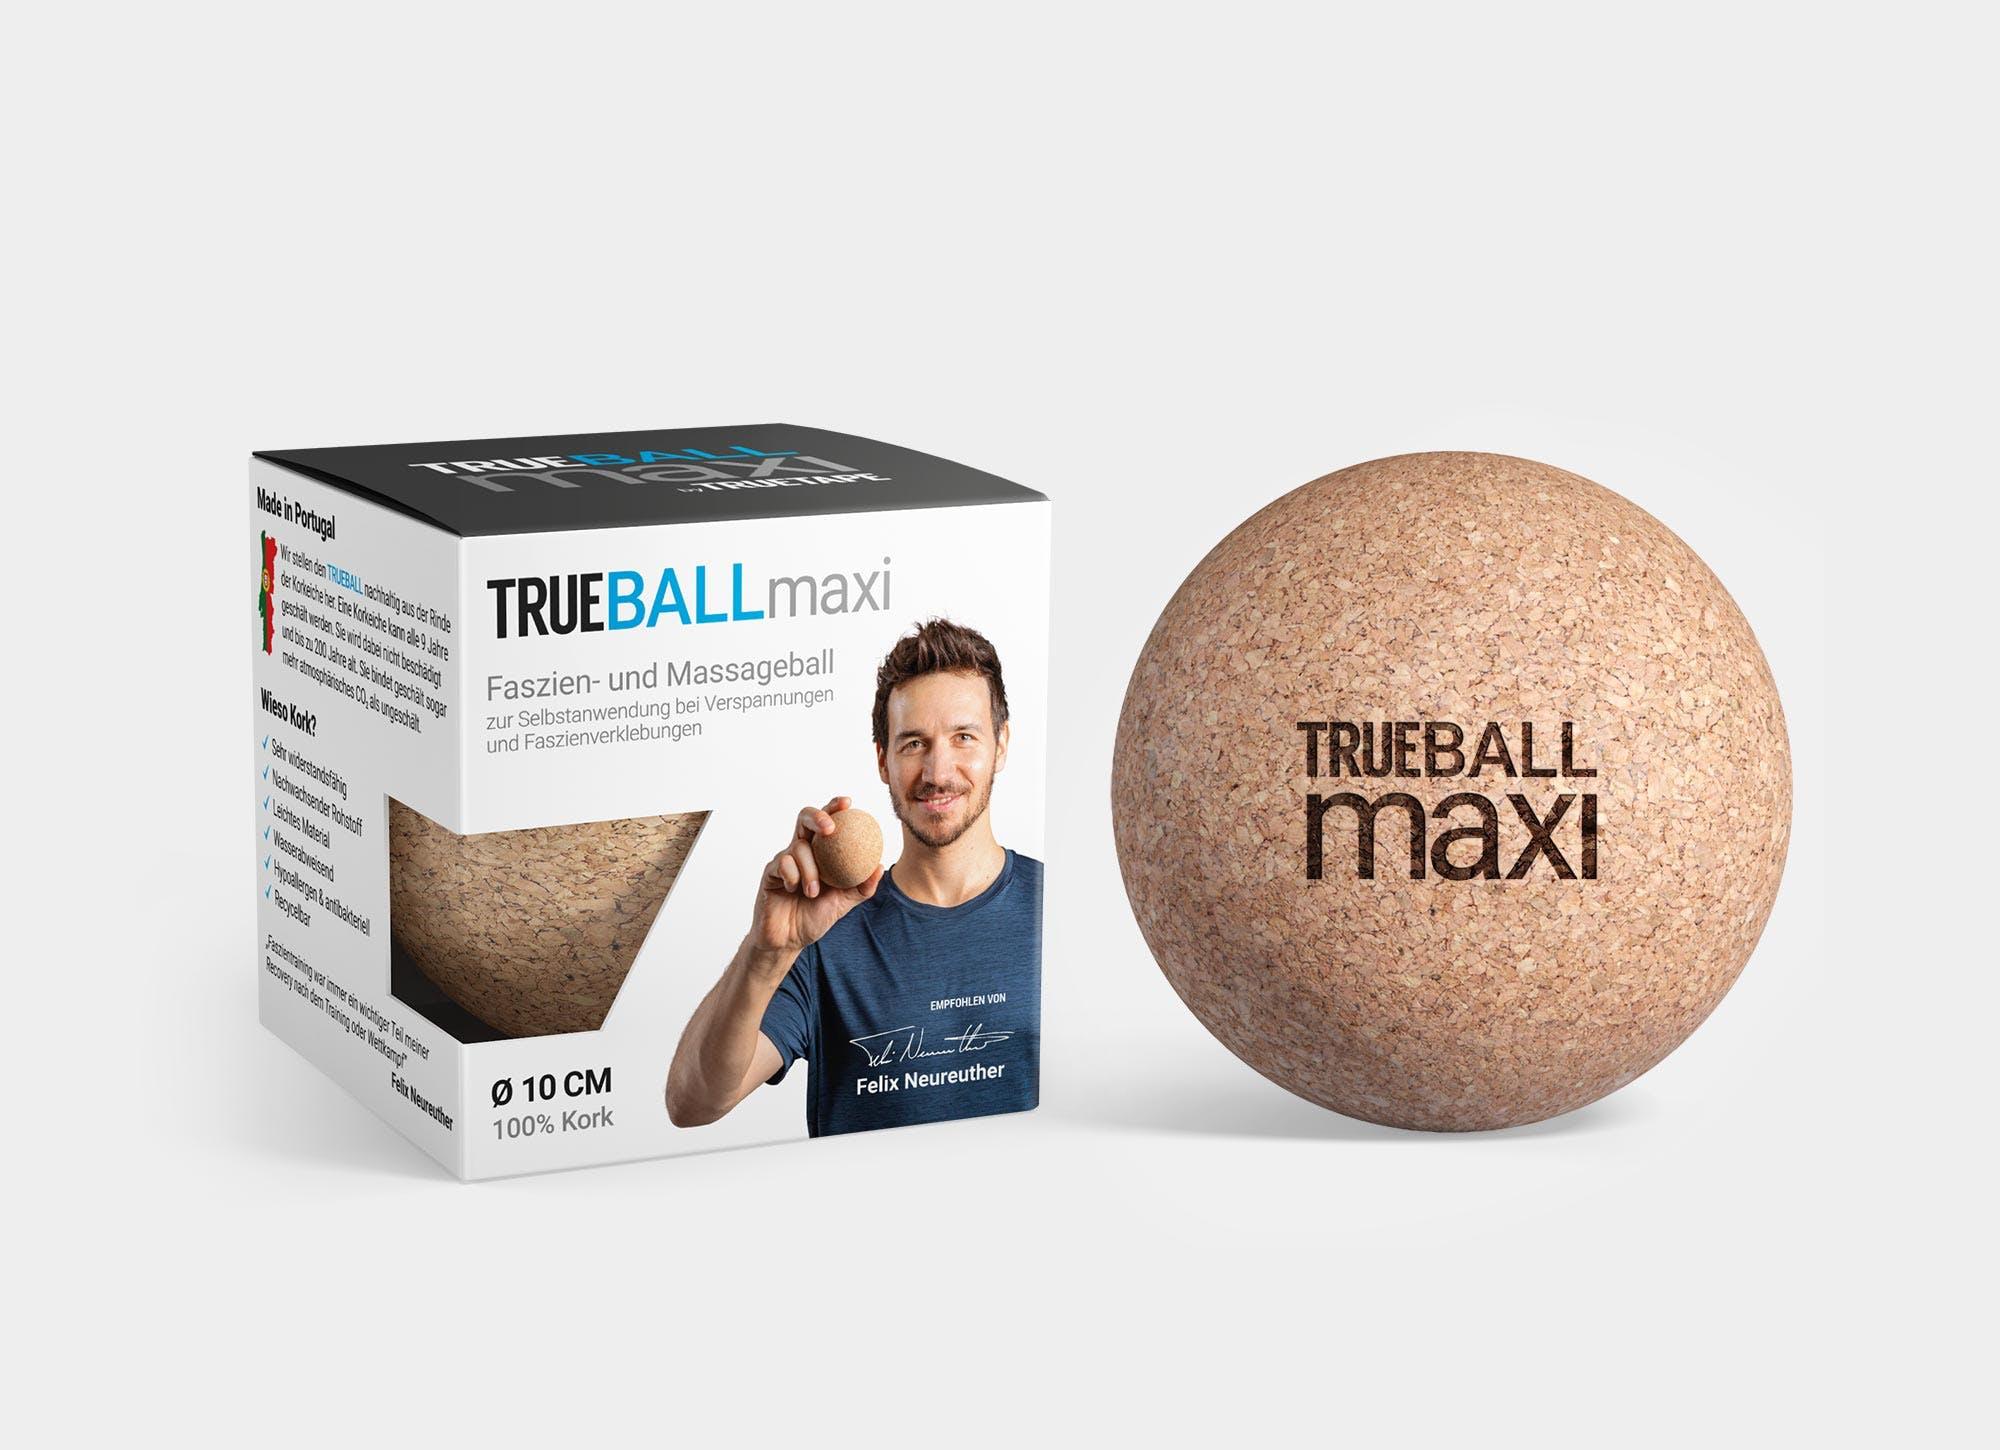 Trueball Maxi